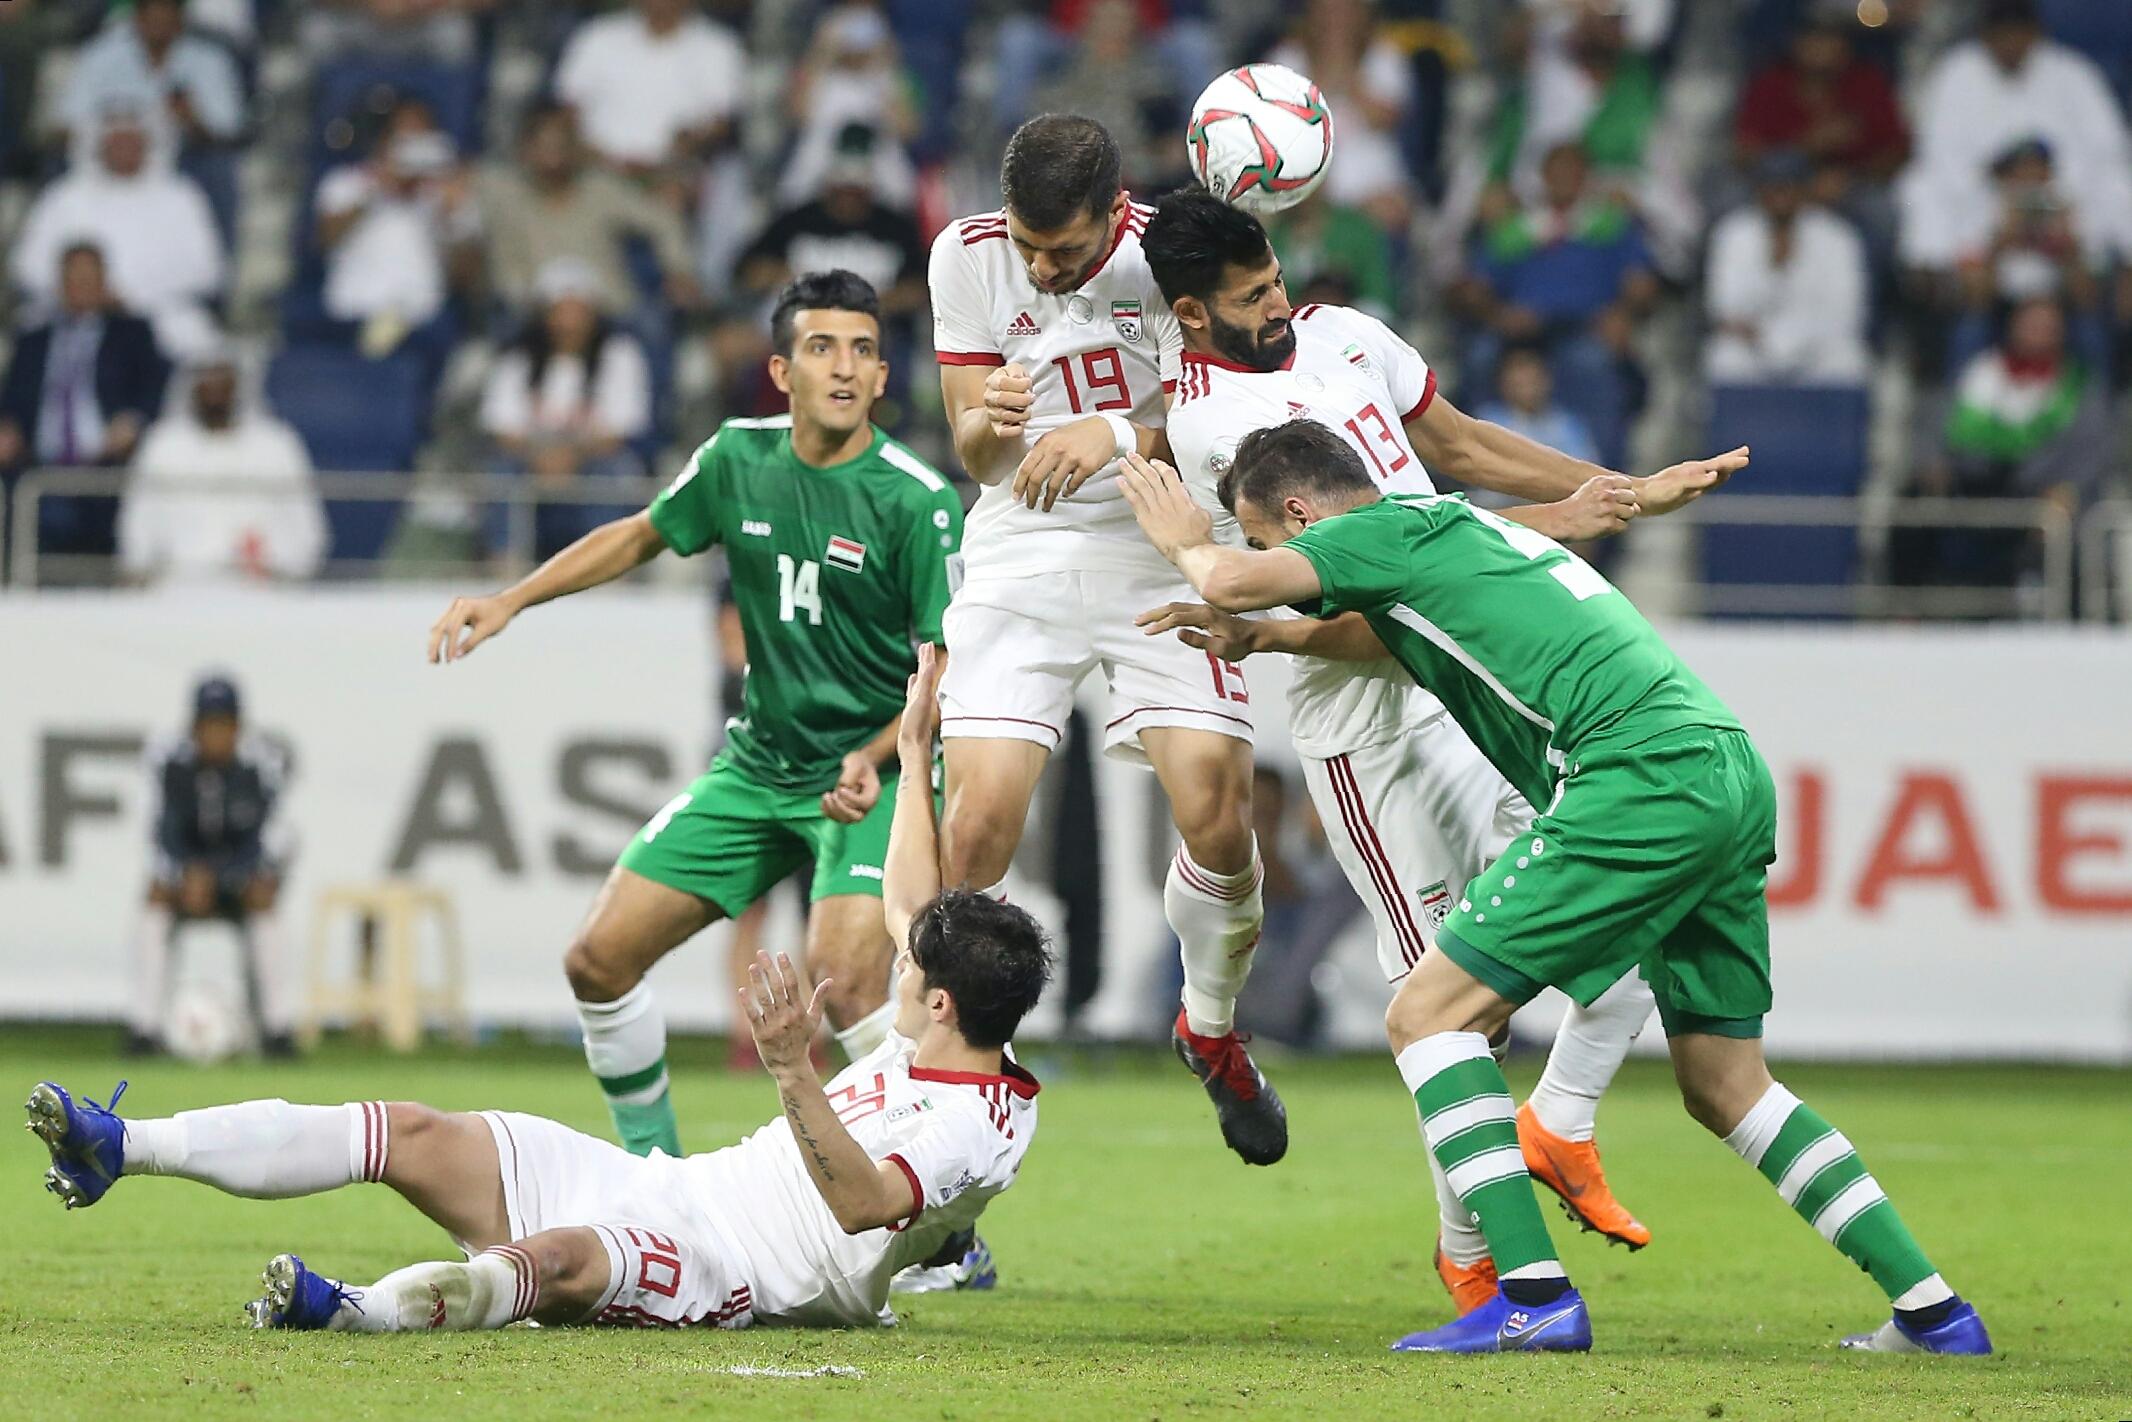 گزارش خبرنگار اعزامی تابناک به جام ملت های آسیا/۱۳نکته خواندنی از تقابل ایران و عراق